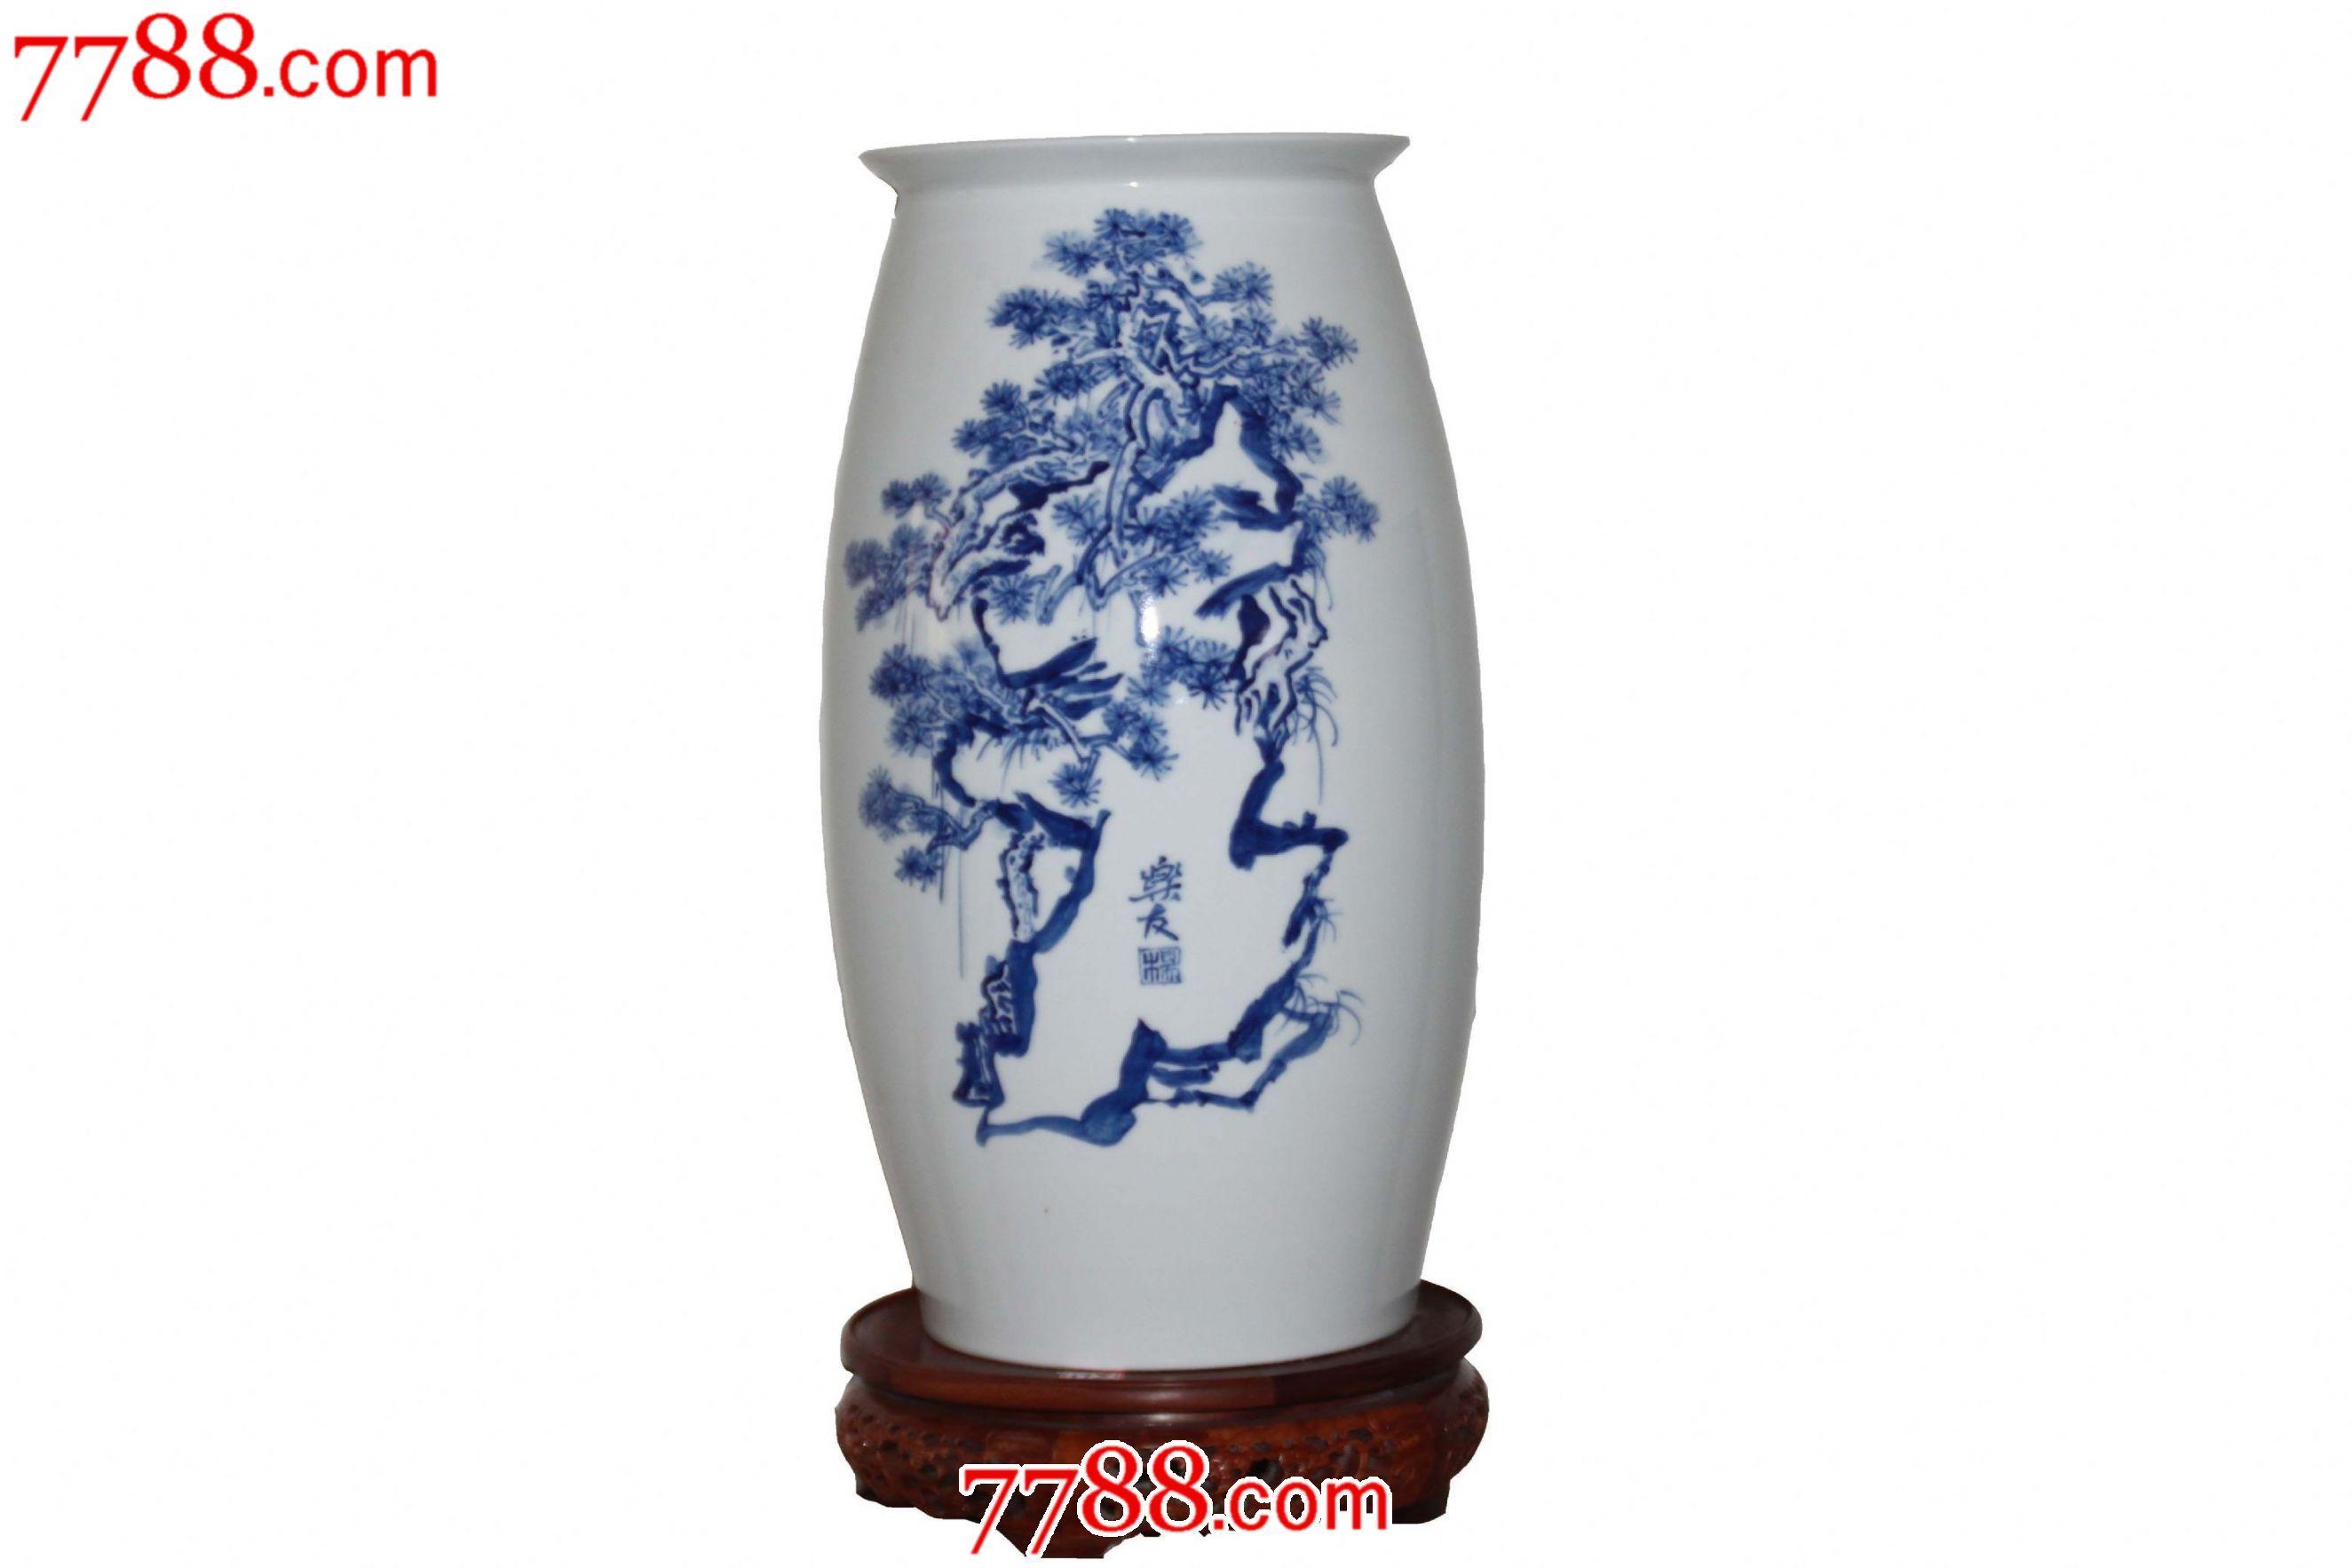 山水青花瓷瓶_价格8000元